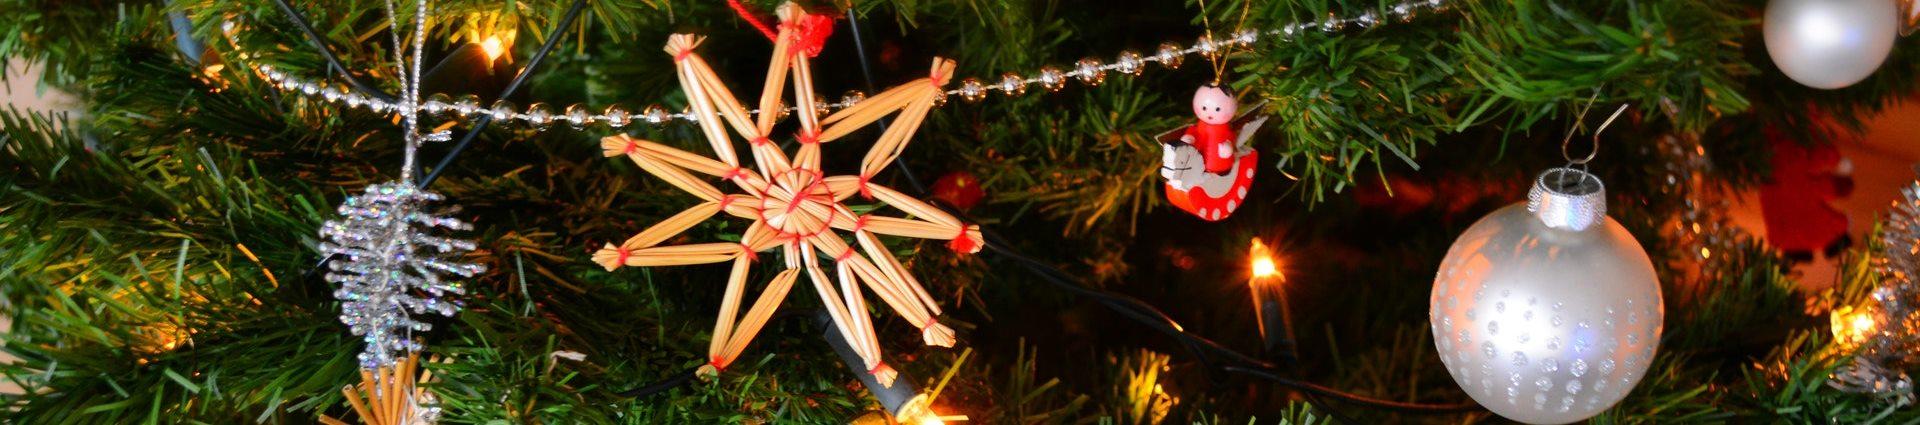 Kerstborrel Nieuwjaarsborrel Steenwijk